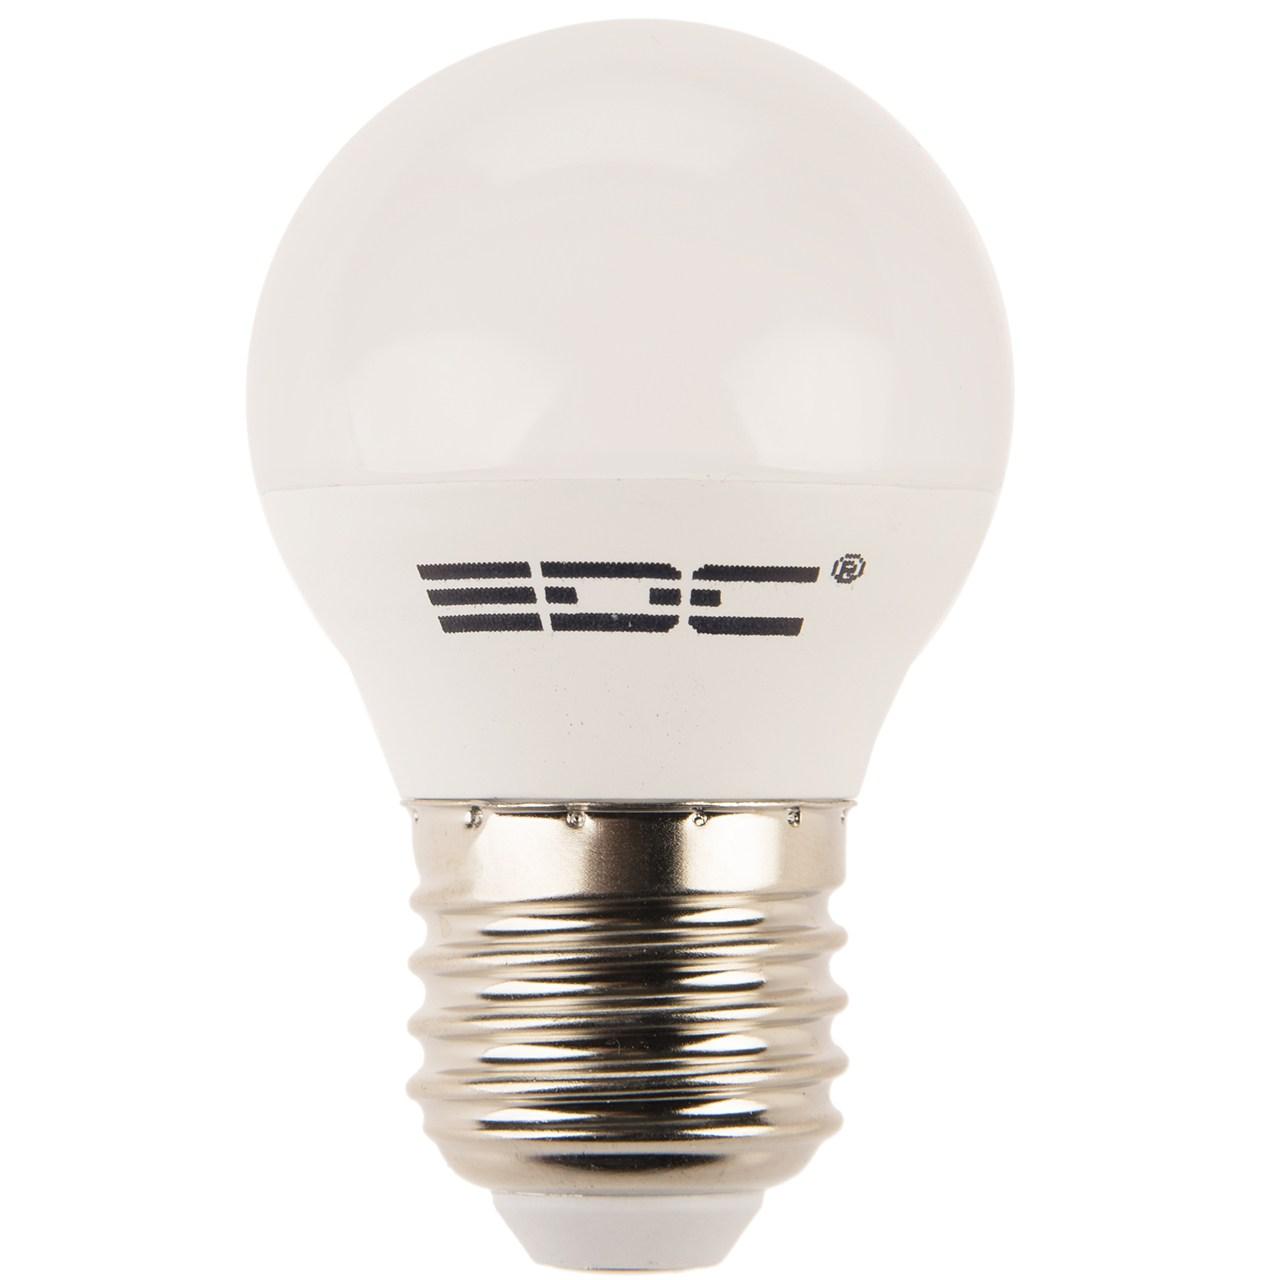 لامپ اس ام دی 5 وات ای دی سی پایه E27